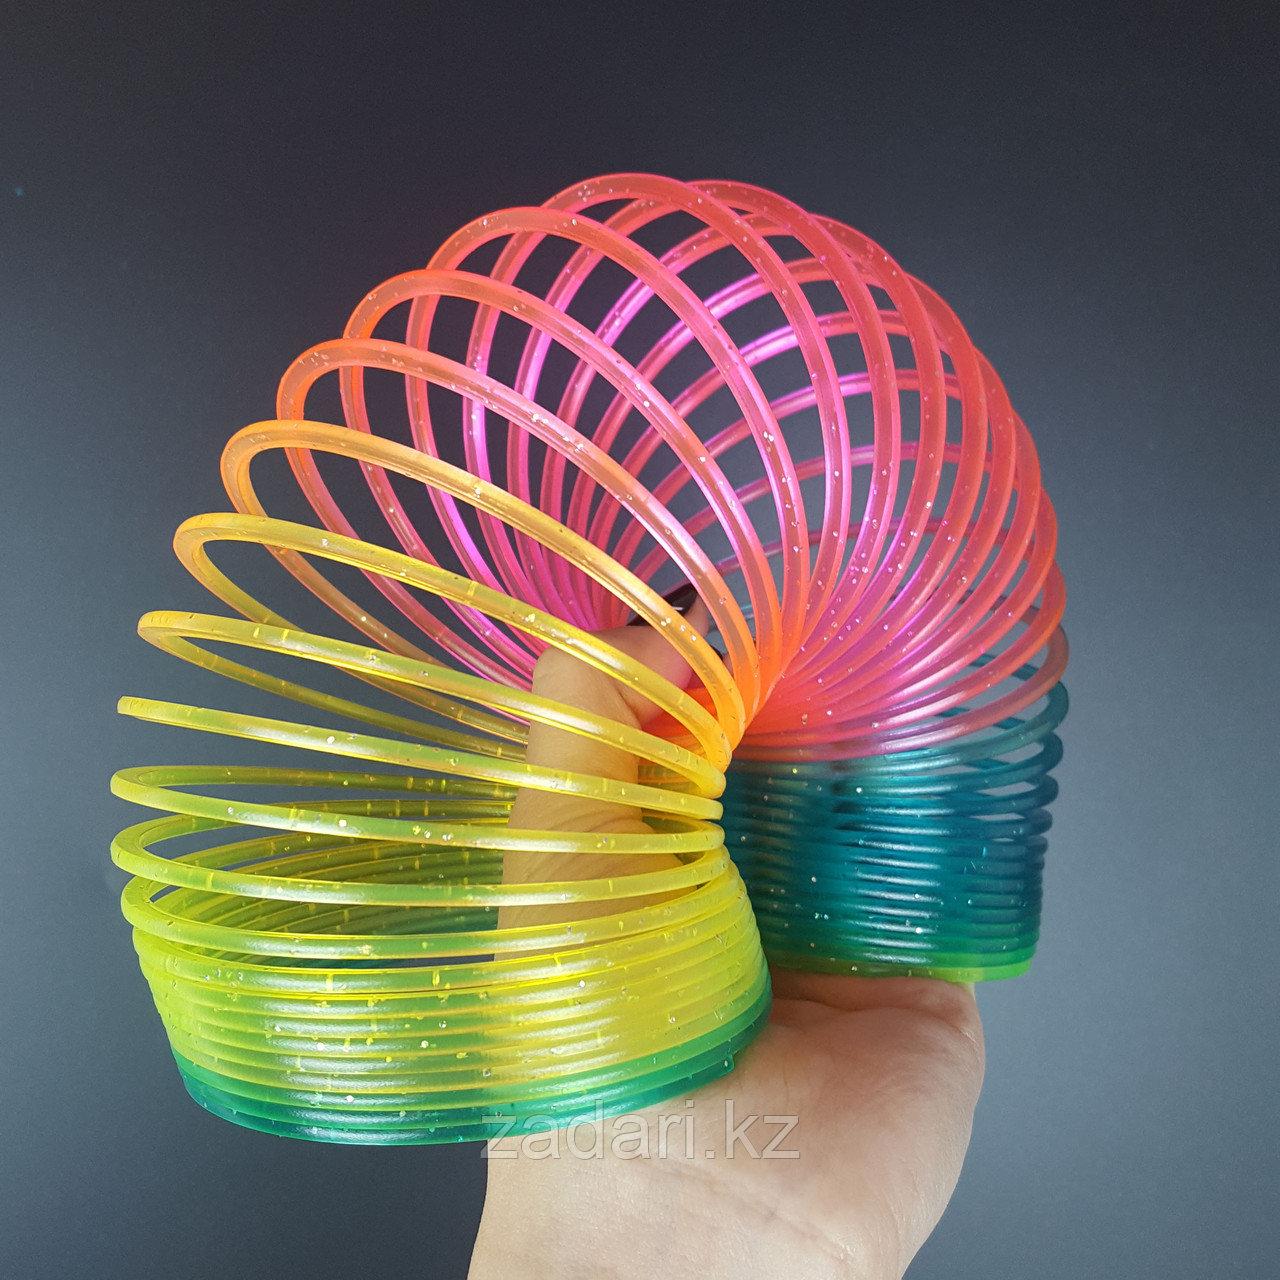 Антистрессовая игрушка «Радуга»